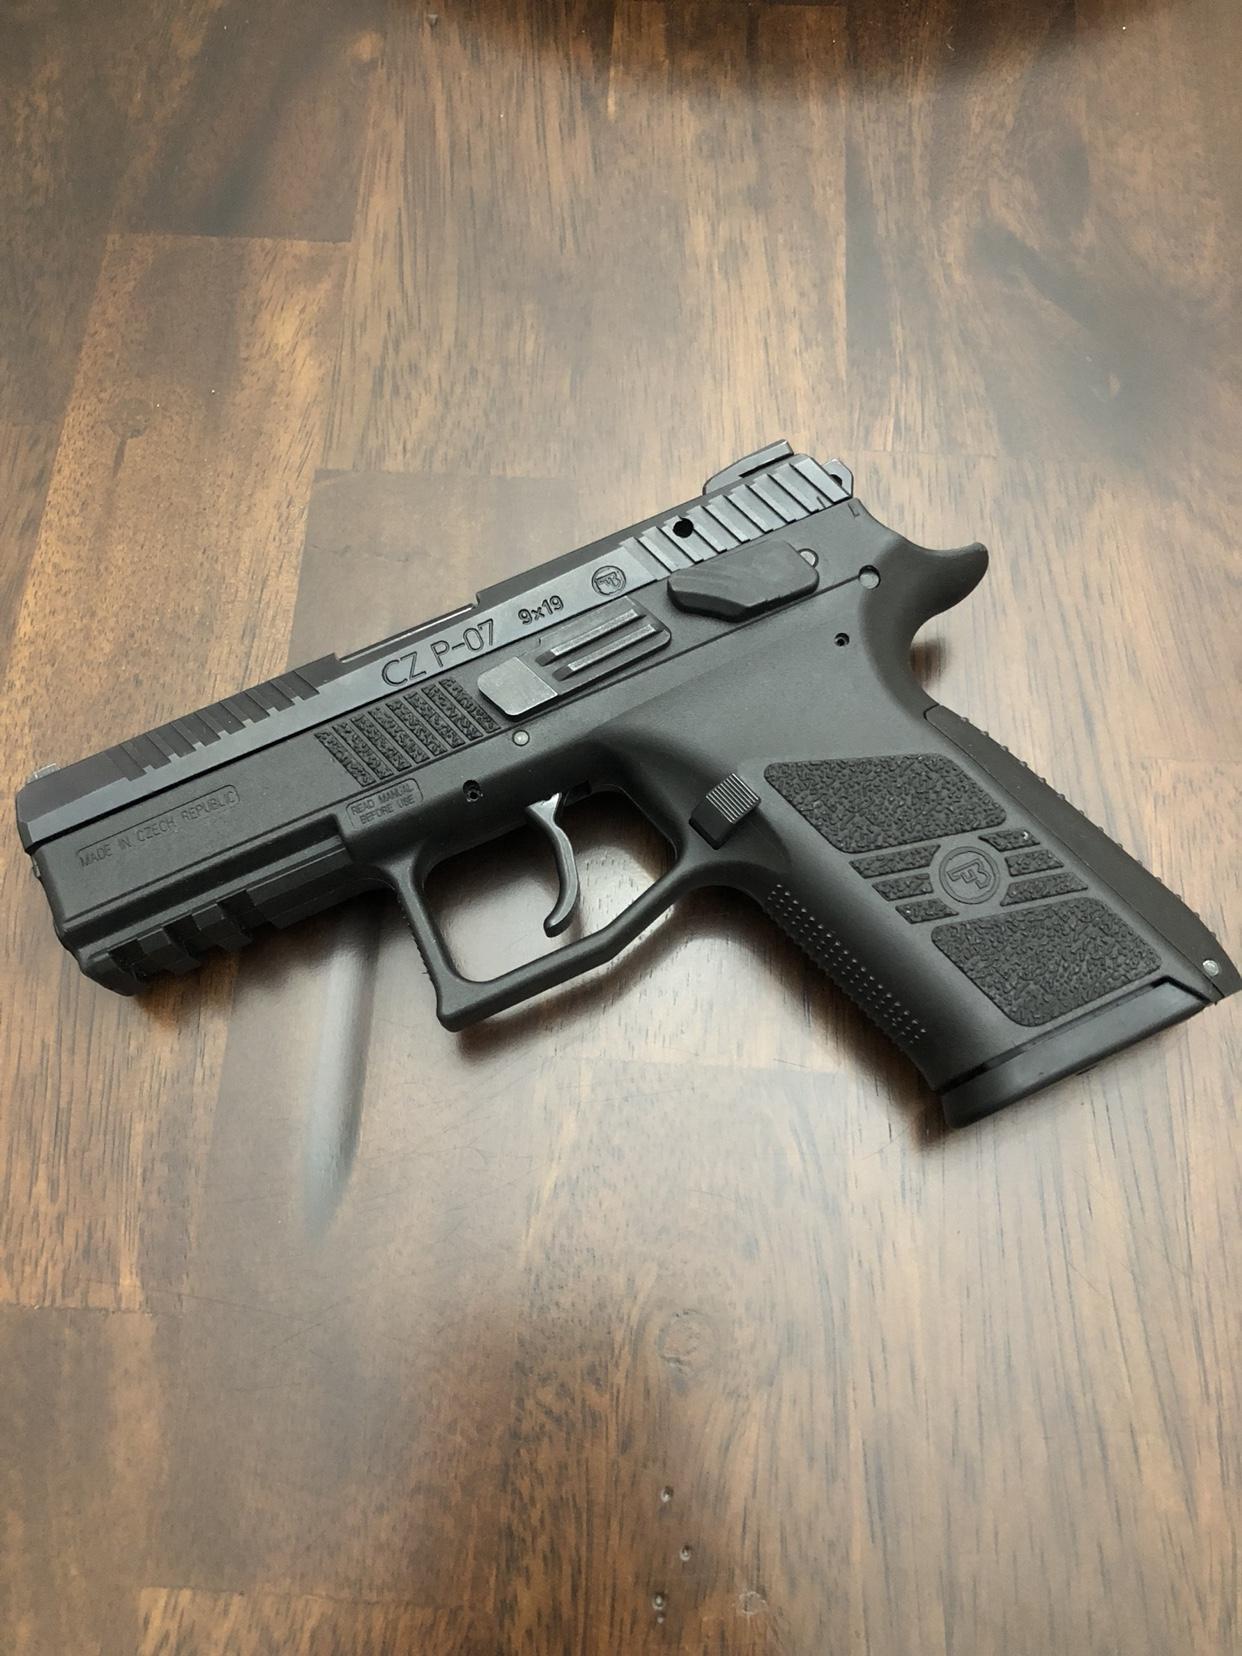 New CZ P-07 = Mind Blown [Archive] - Page 2 - pistol-forum com